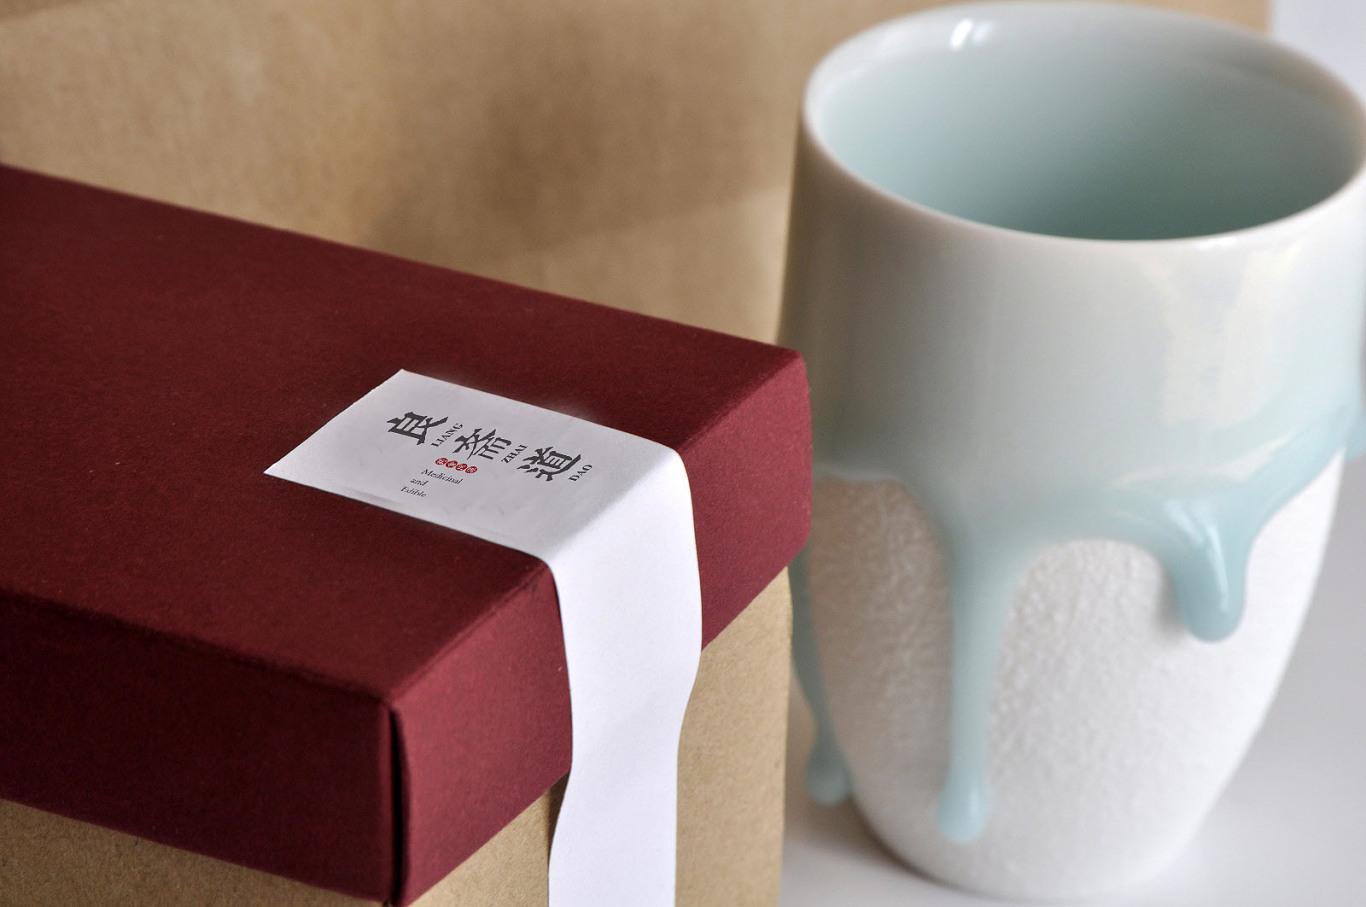 良斋道药食同源品牌咨询与LogoVIS设计包装设计图5